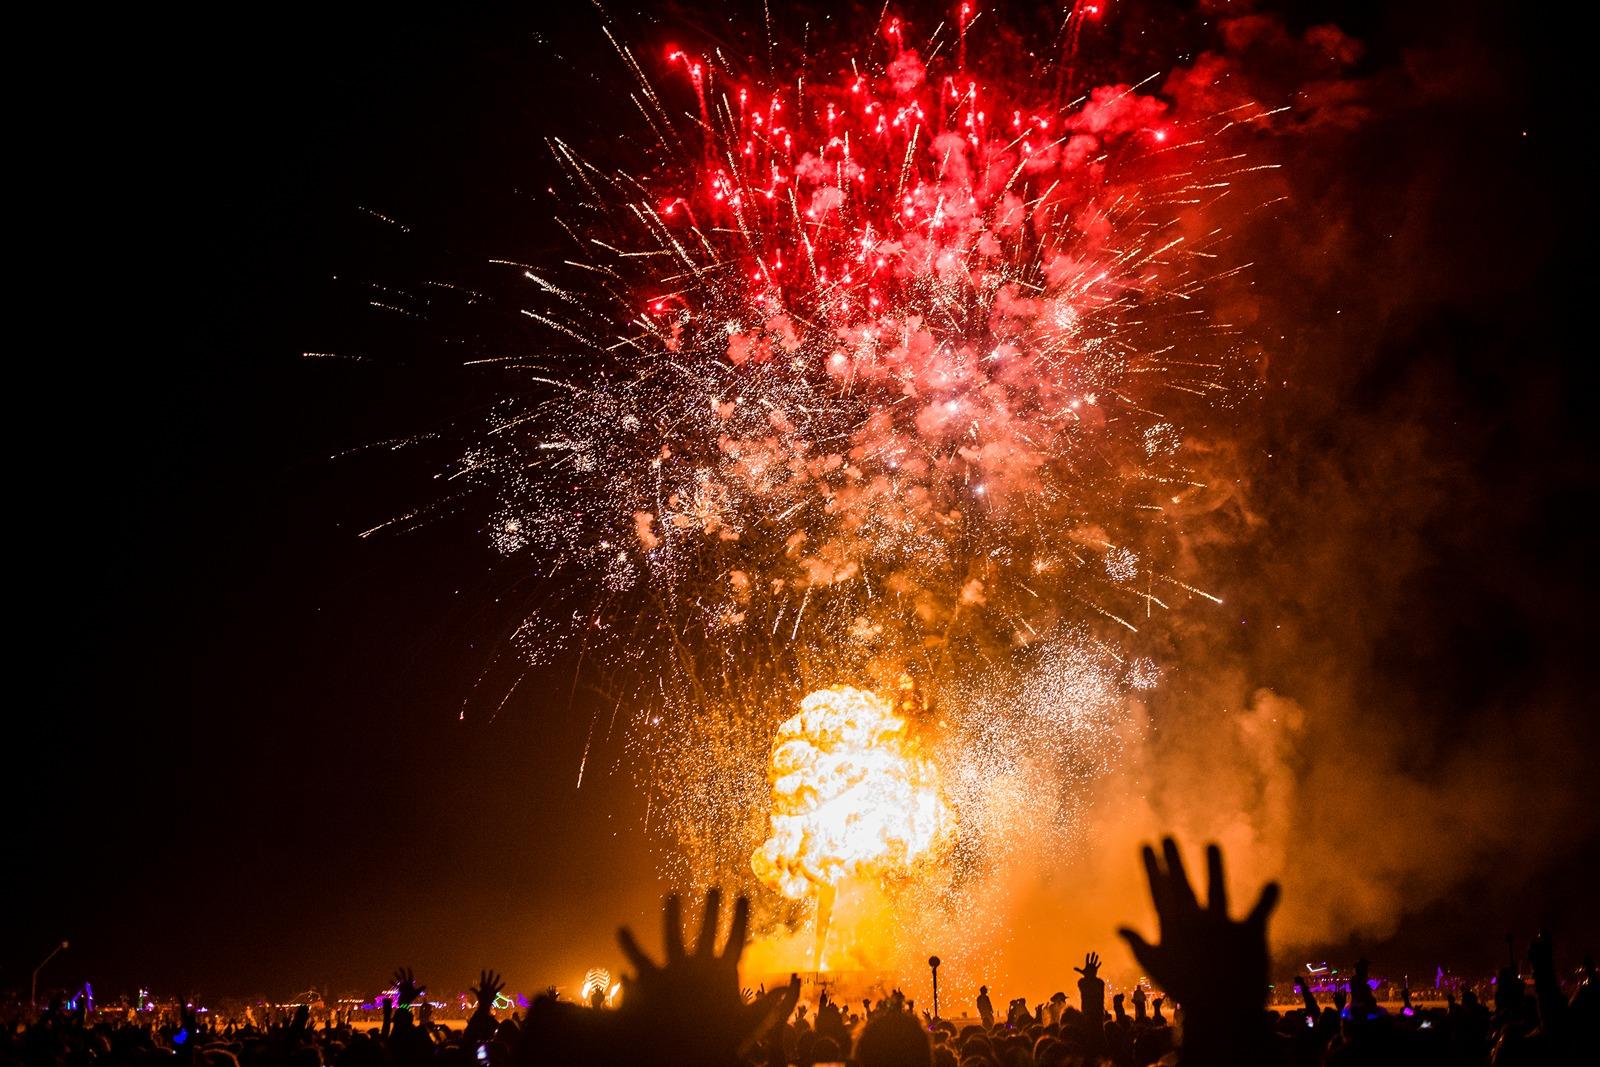 Burning Man - People watching the man burning